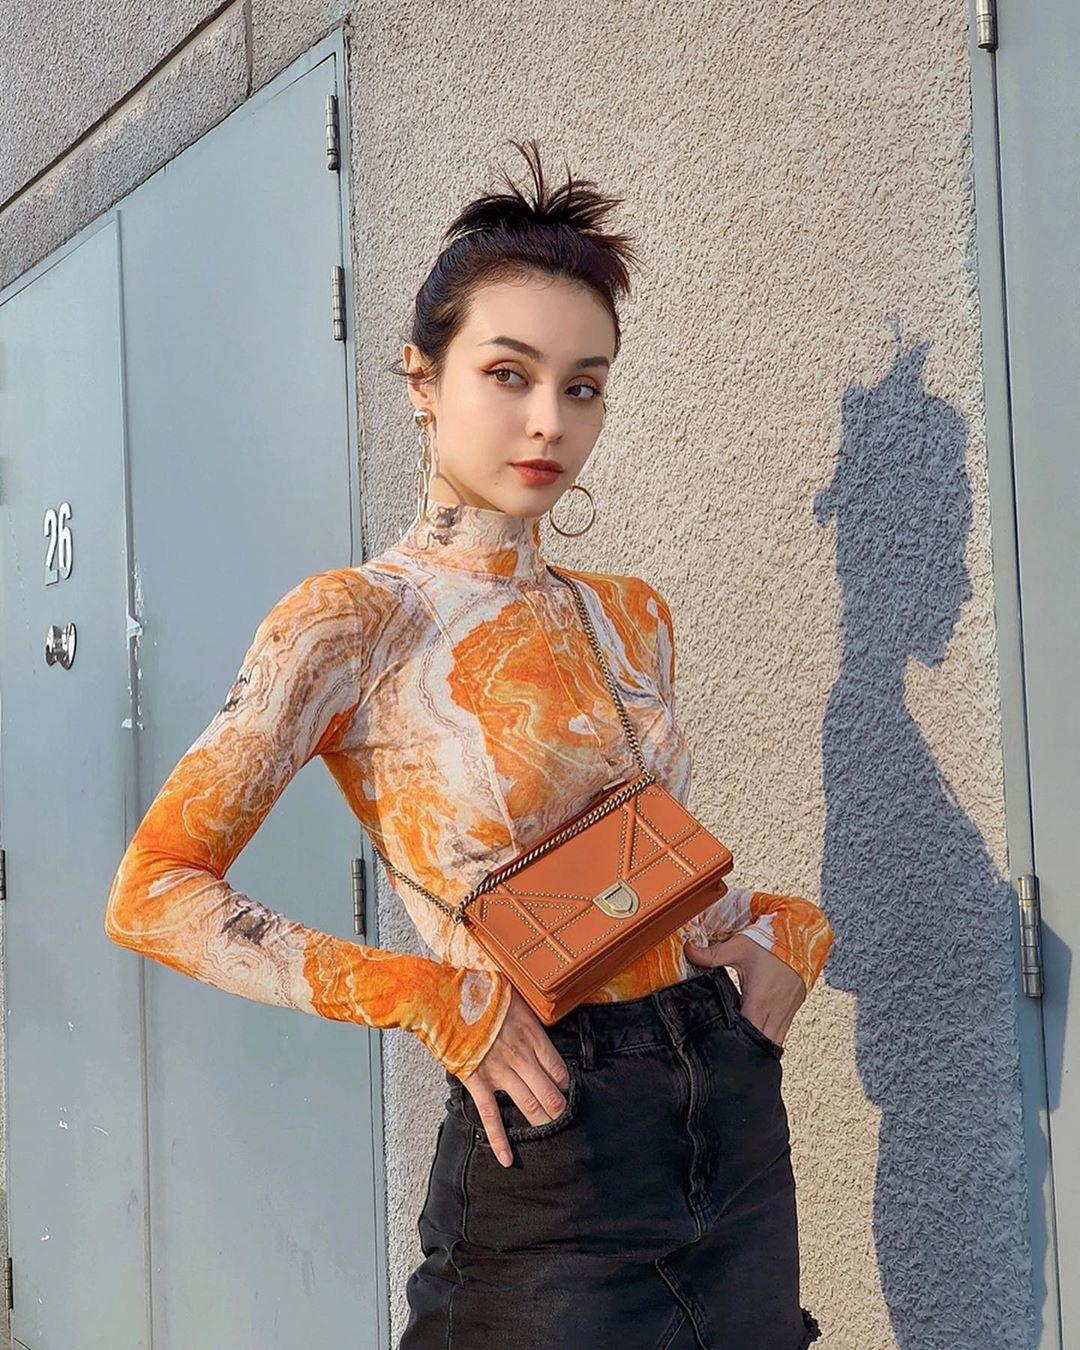 Đặc trưng của kiểu áo này là ôm sát body giúp người mặc khoe vóc dáng. Trên áo in các kiểu họa tiết màu sắc sặc sỡ nổi bật, tạo phong cách cá tính.